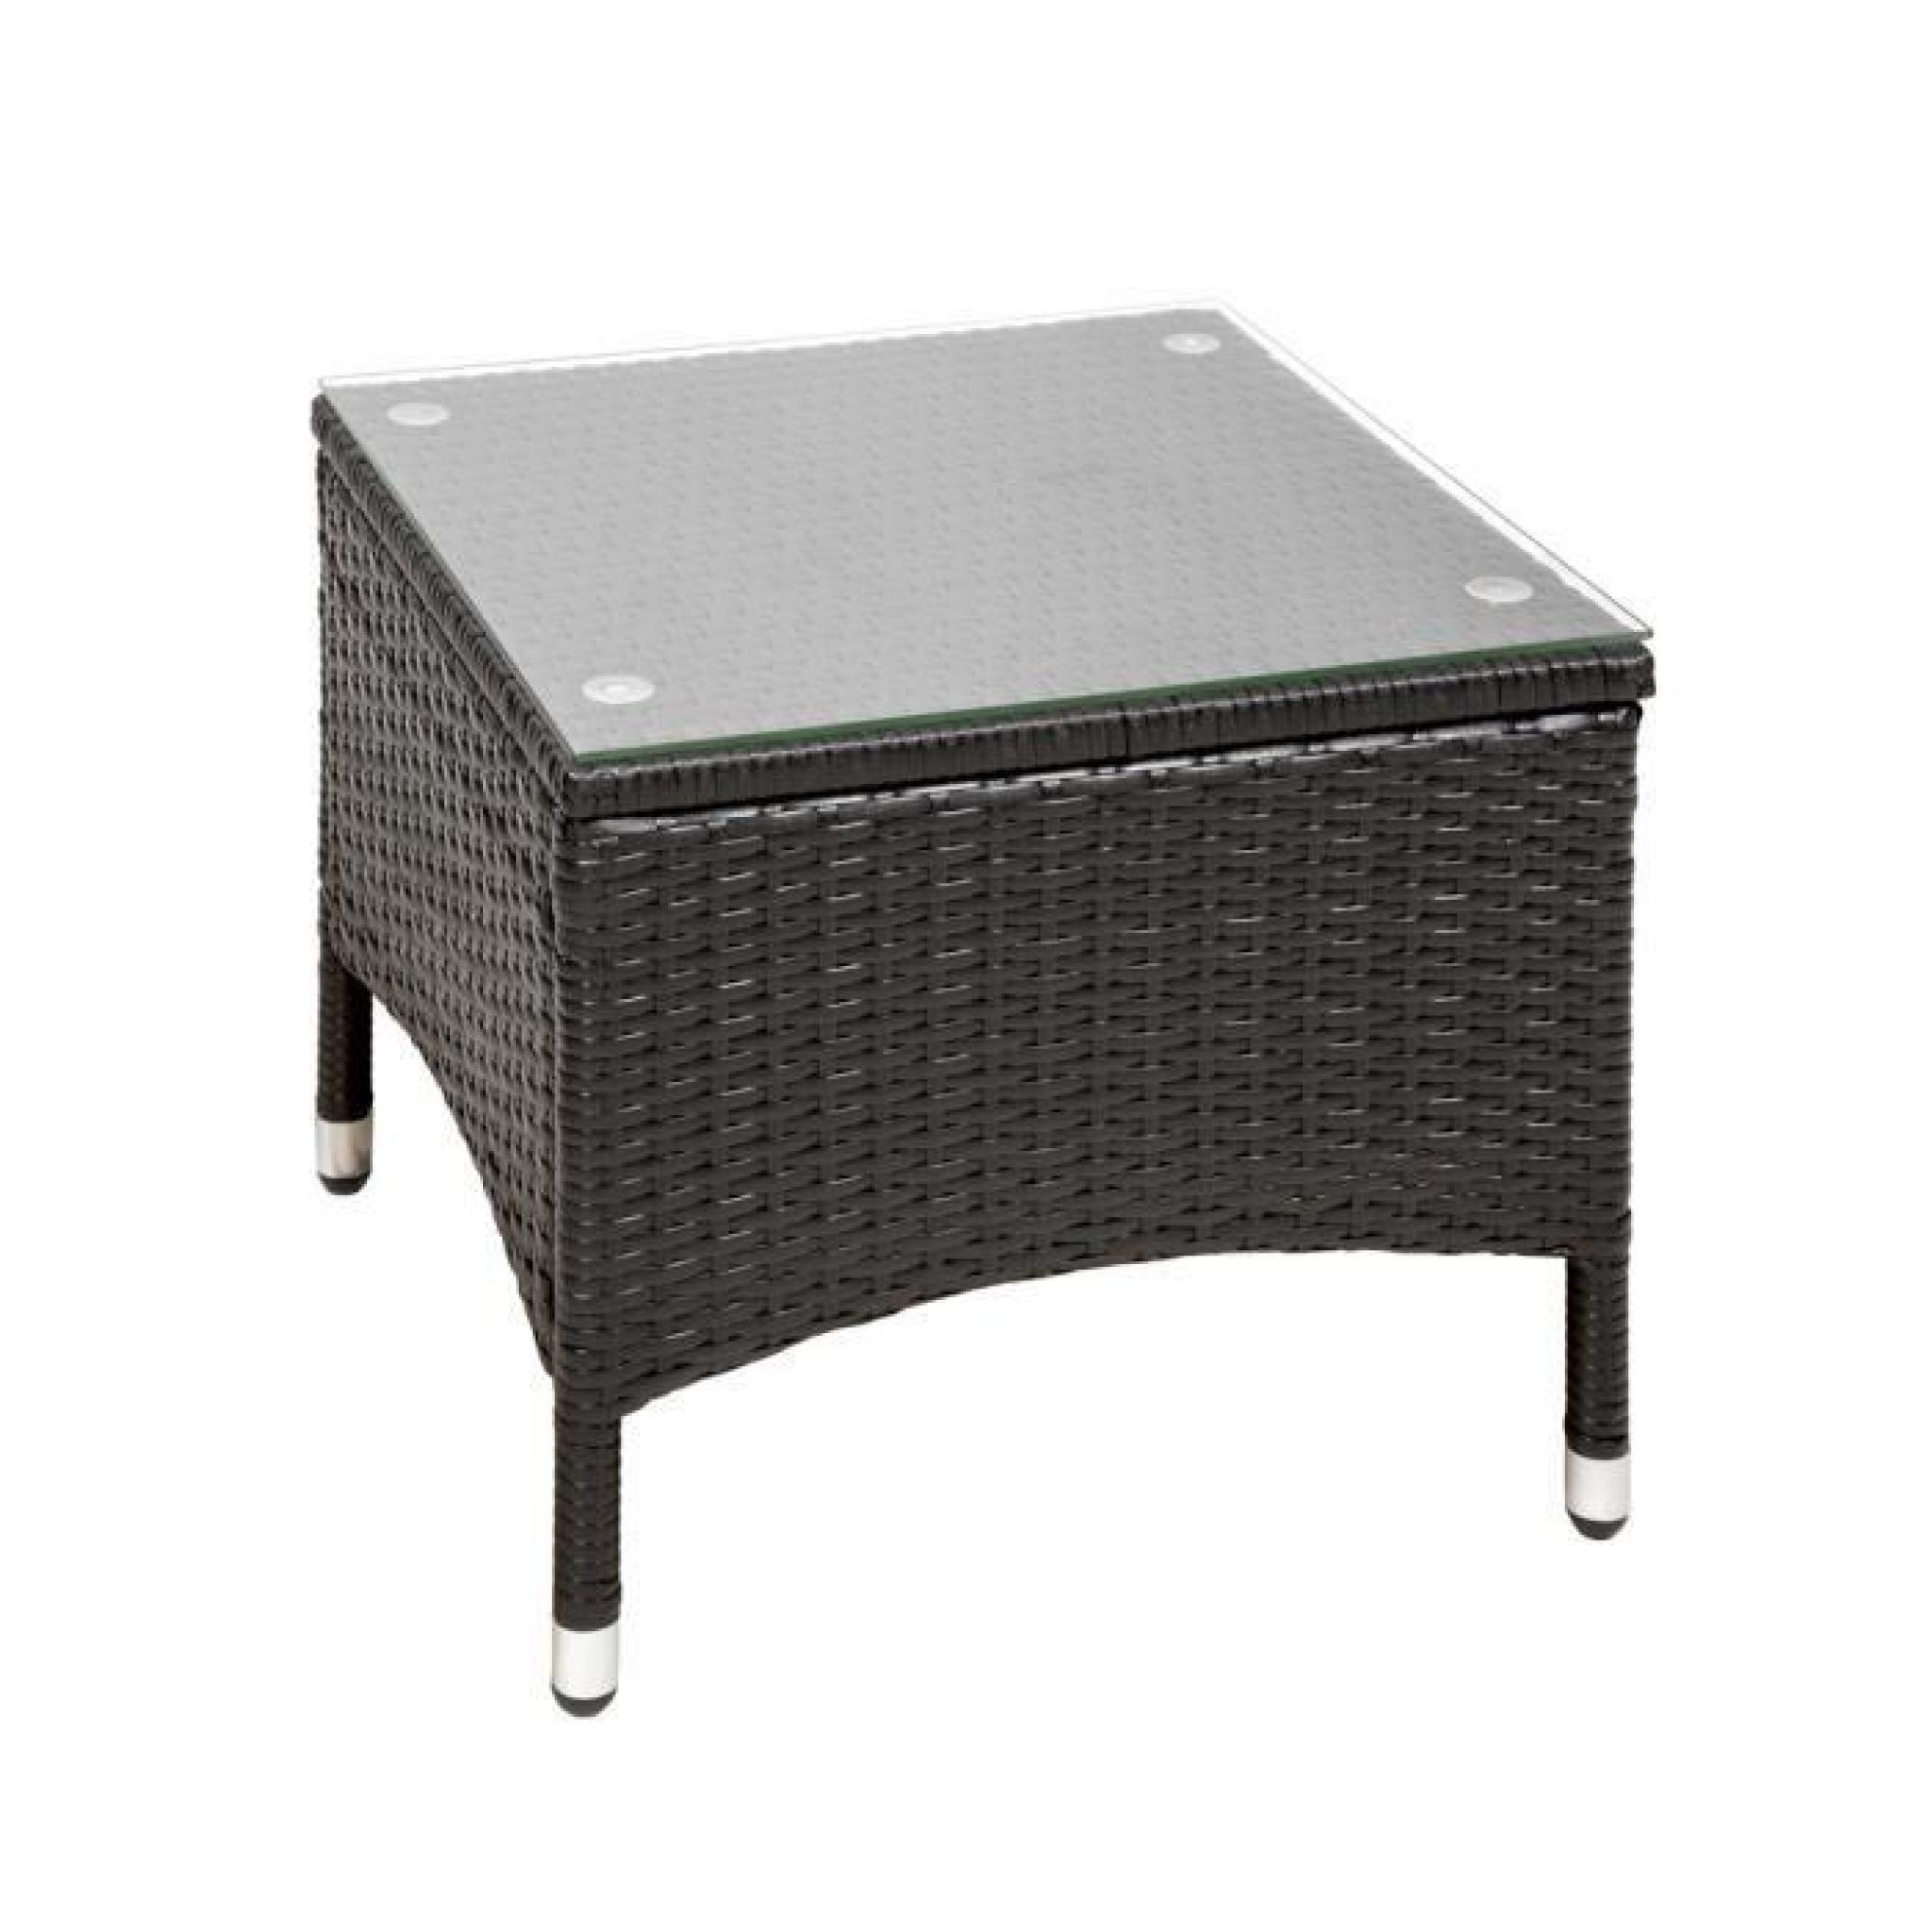 salon de jardin ambre 2 chaises fauteuils et 1 table en r sine tress e poly rotin structure. Black Bedroom Furniture Sets. Home Design Ideas